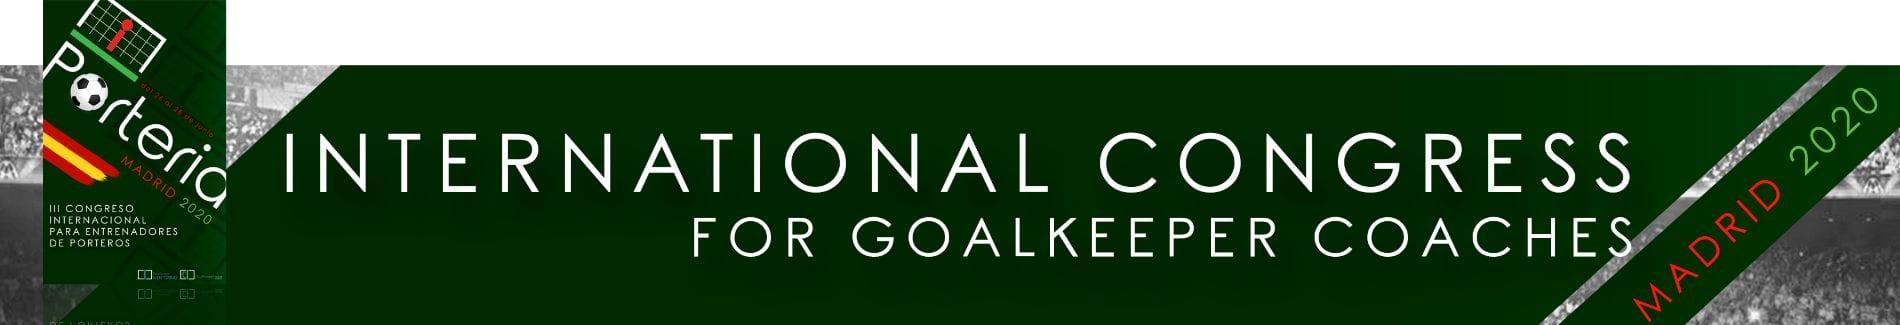 congresos internacionales porteros y entrenadores miporteria